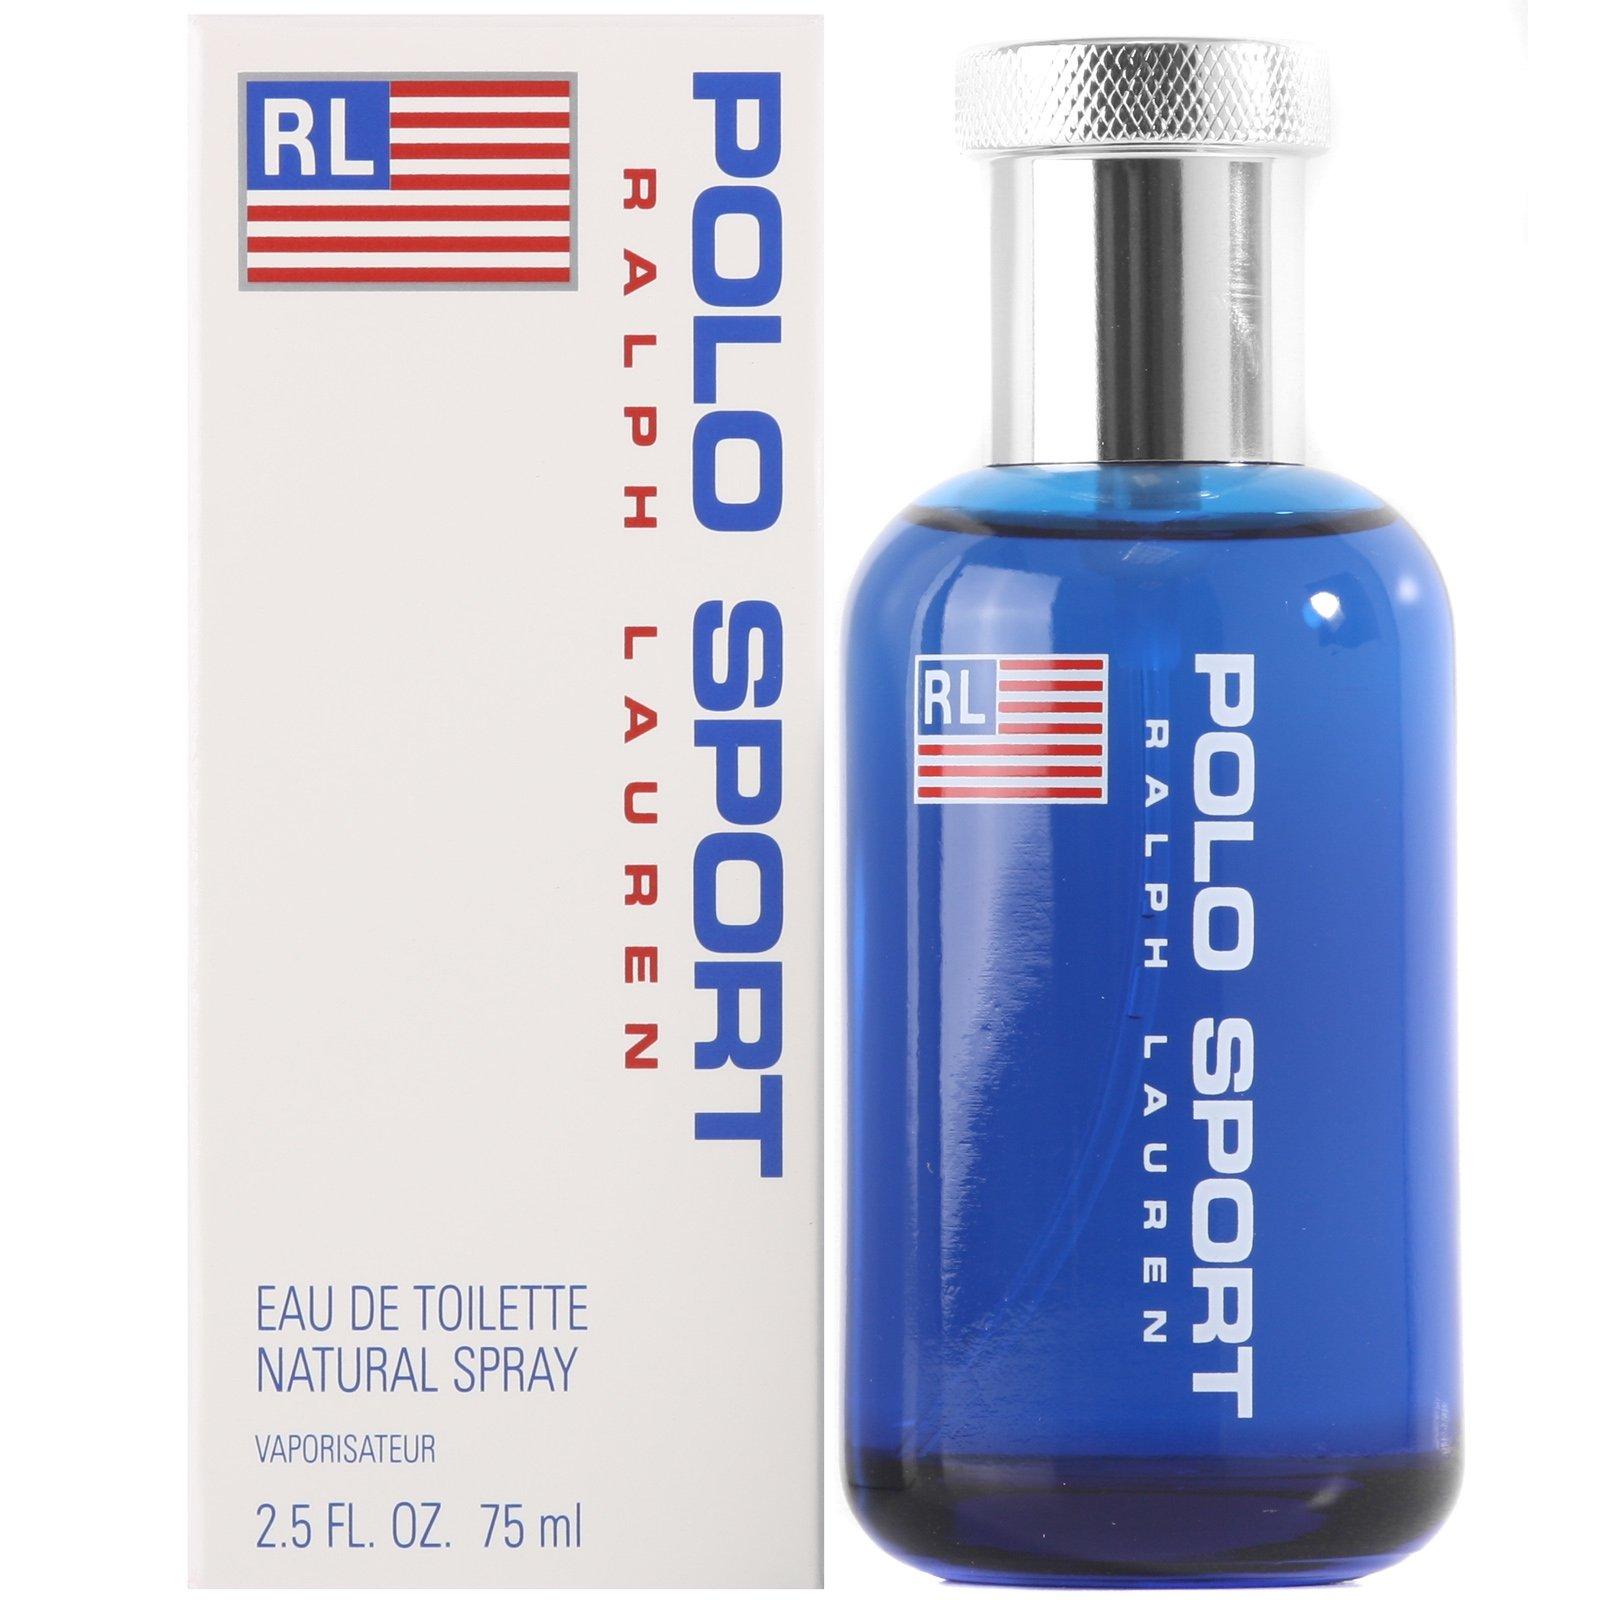 Polo Sport by Ralph Lauren for Men, Eau De Toilette Natural Spray, 2.5 Ounce